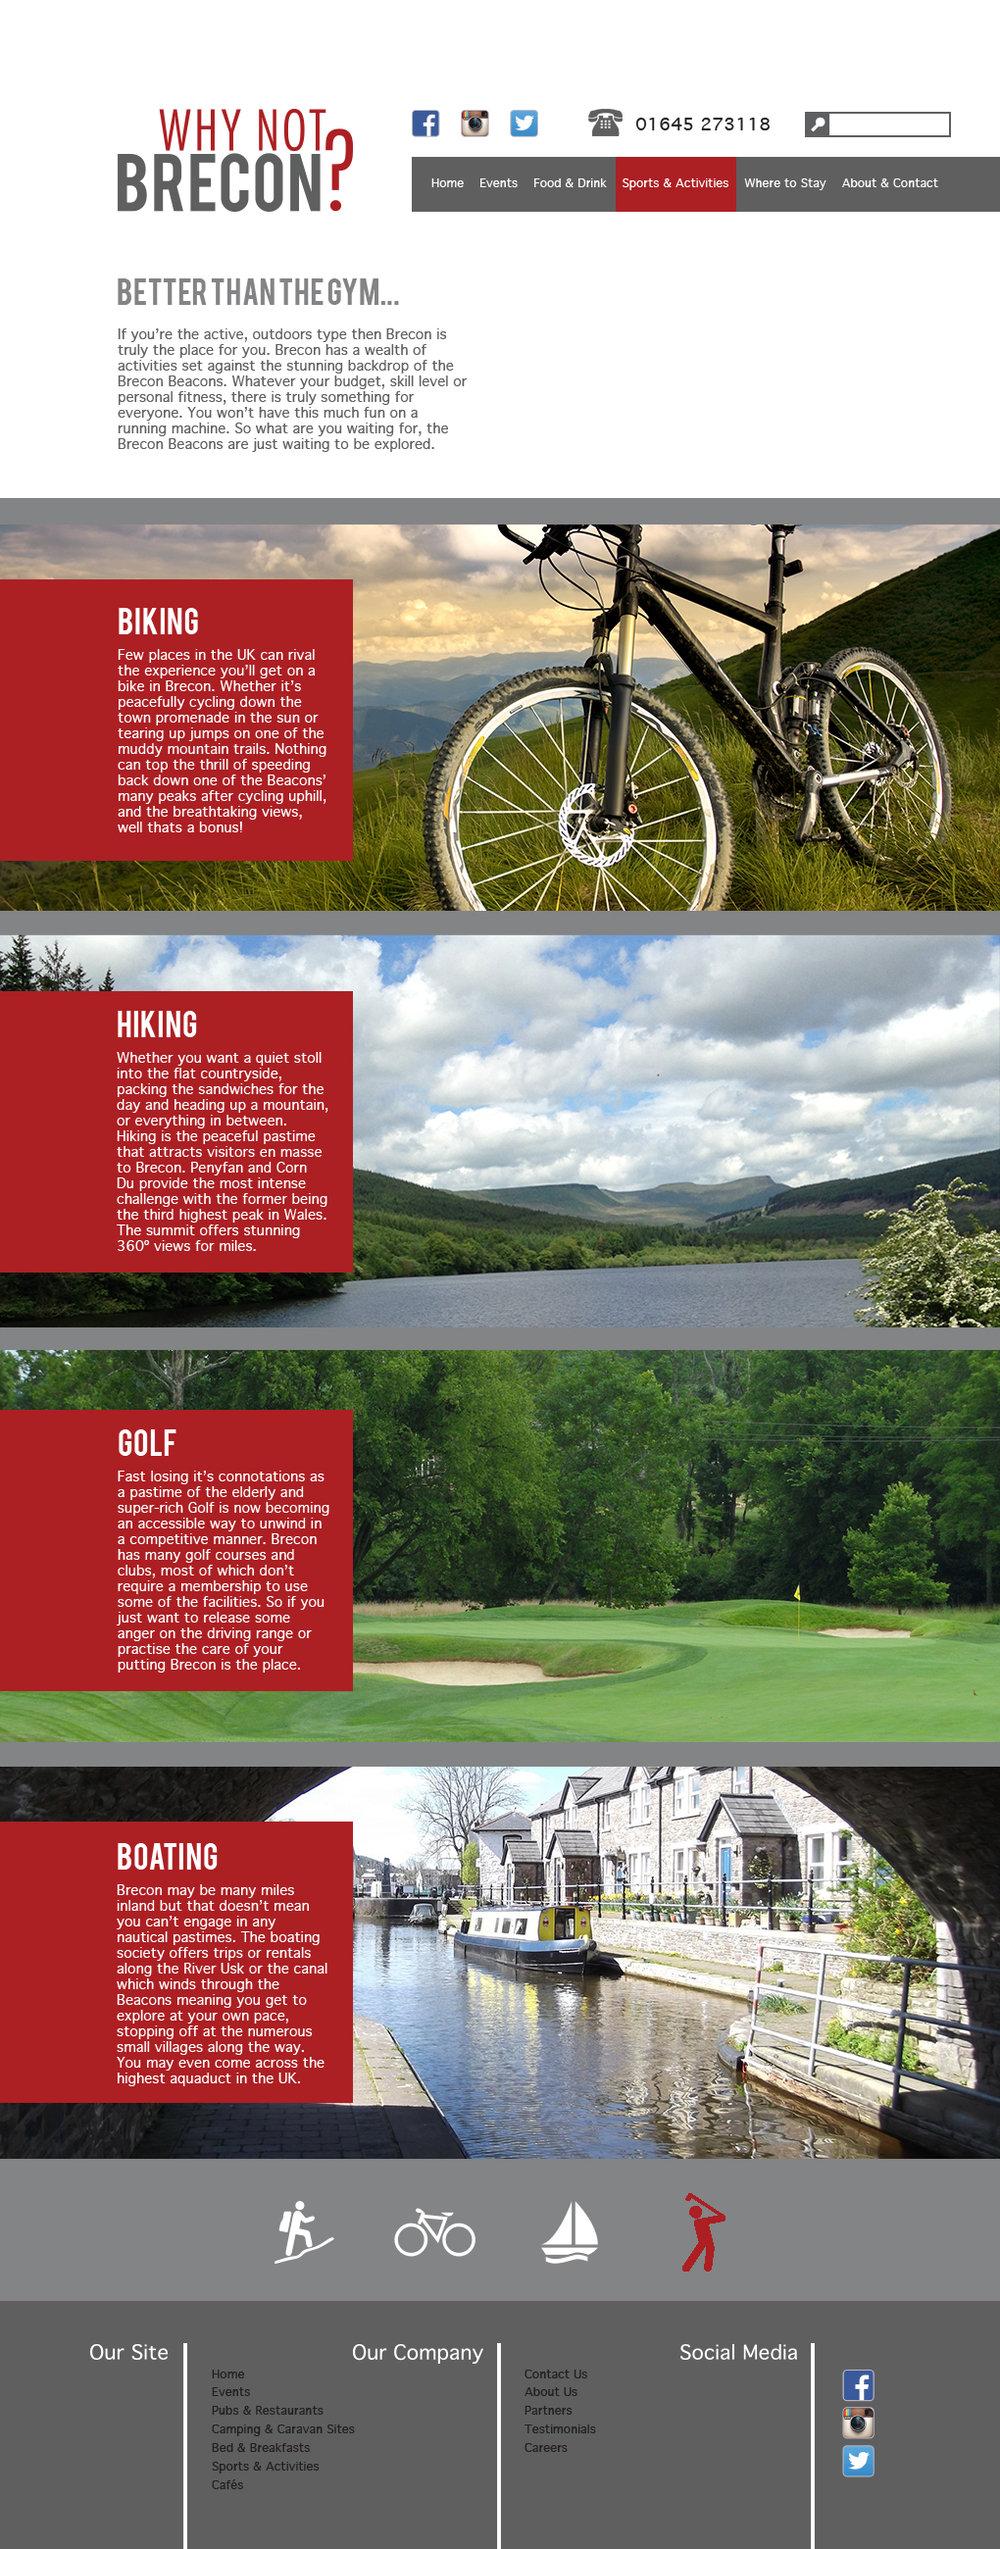 Sports-&-Activities.jpg